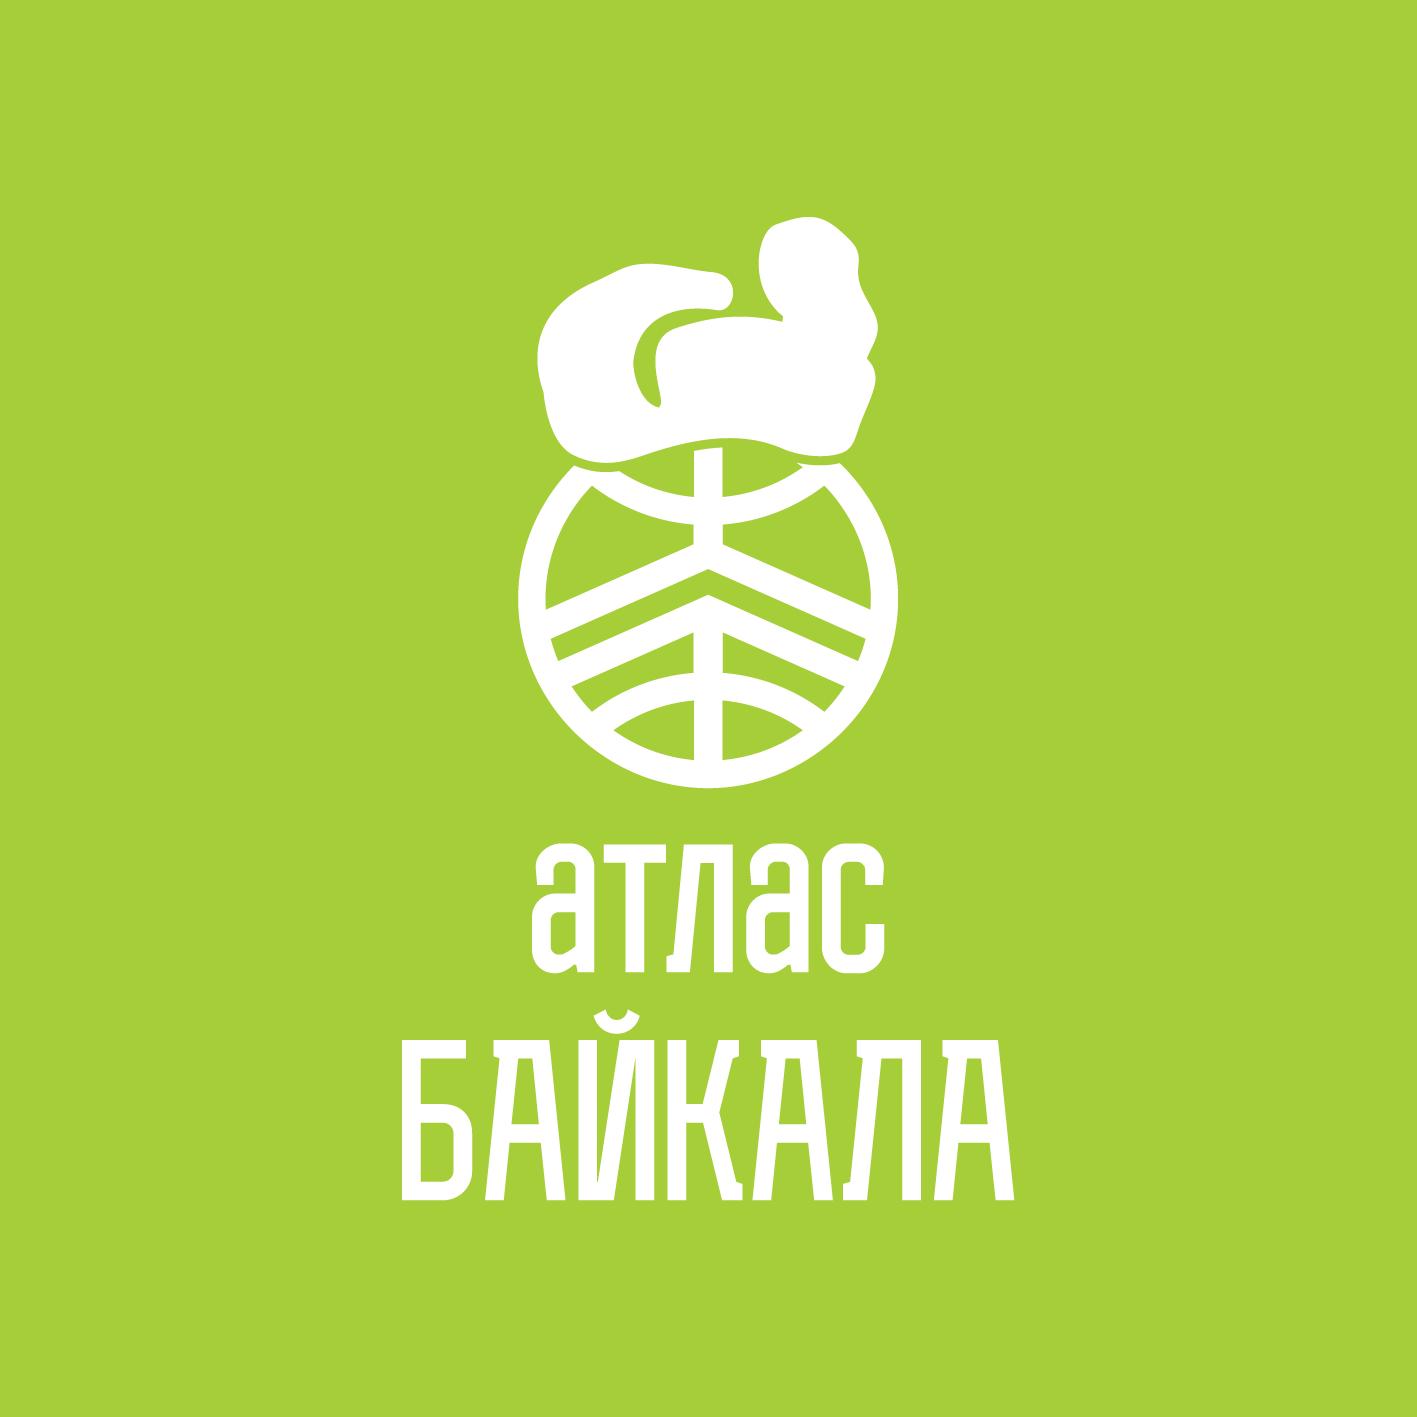 Разработка логотипа Атлас Байкала фото f_9295afdd477dd95f.png